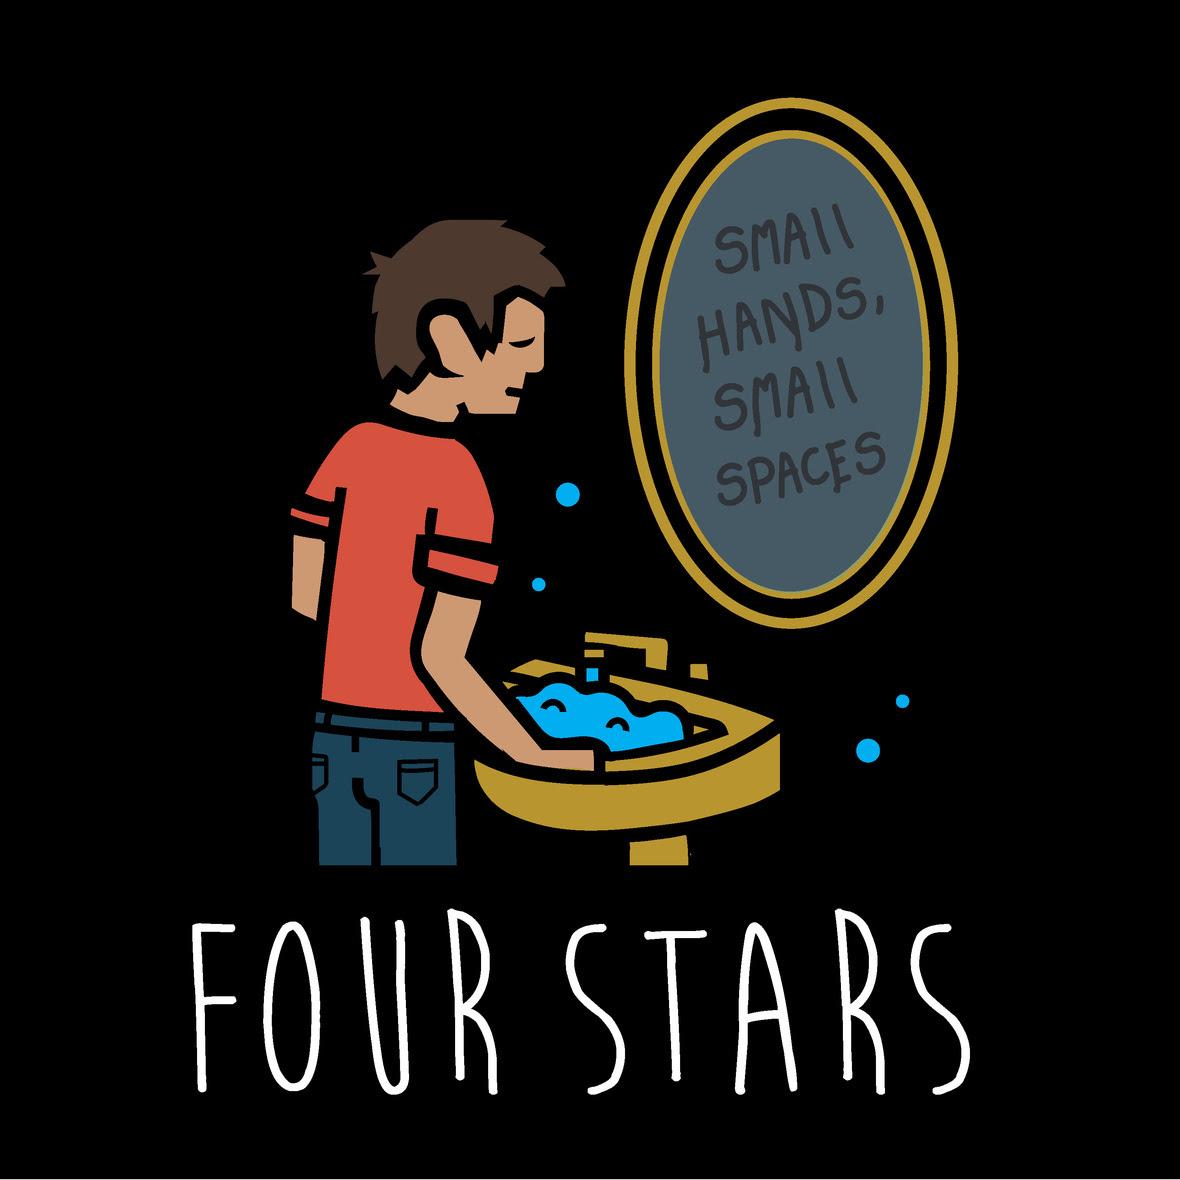 FOURSTARS-SMALLHANDS-FINAL-01